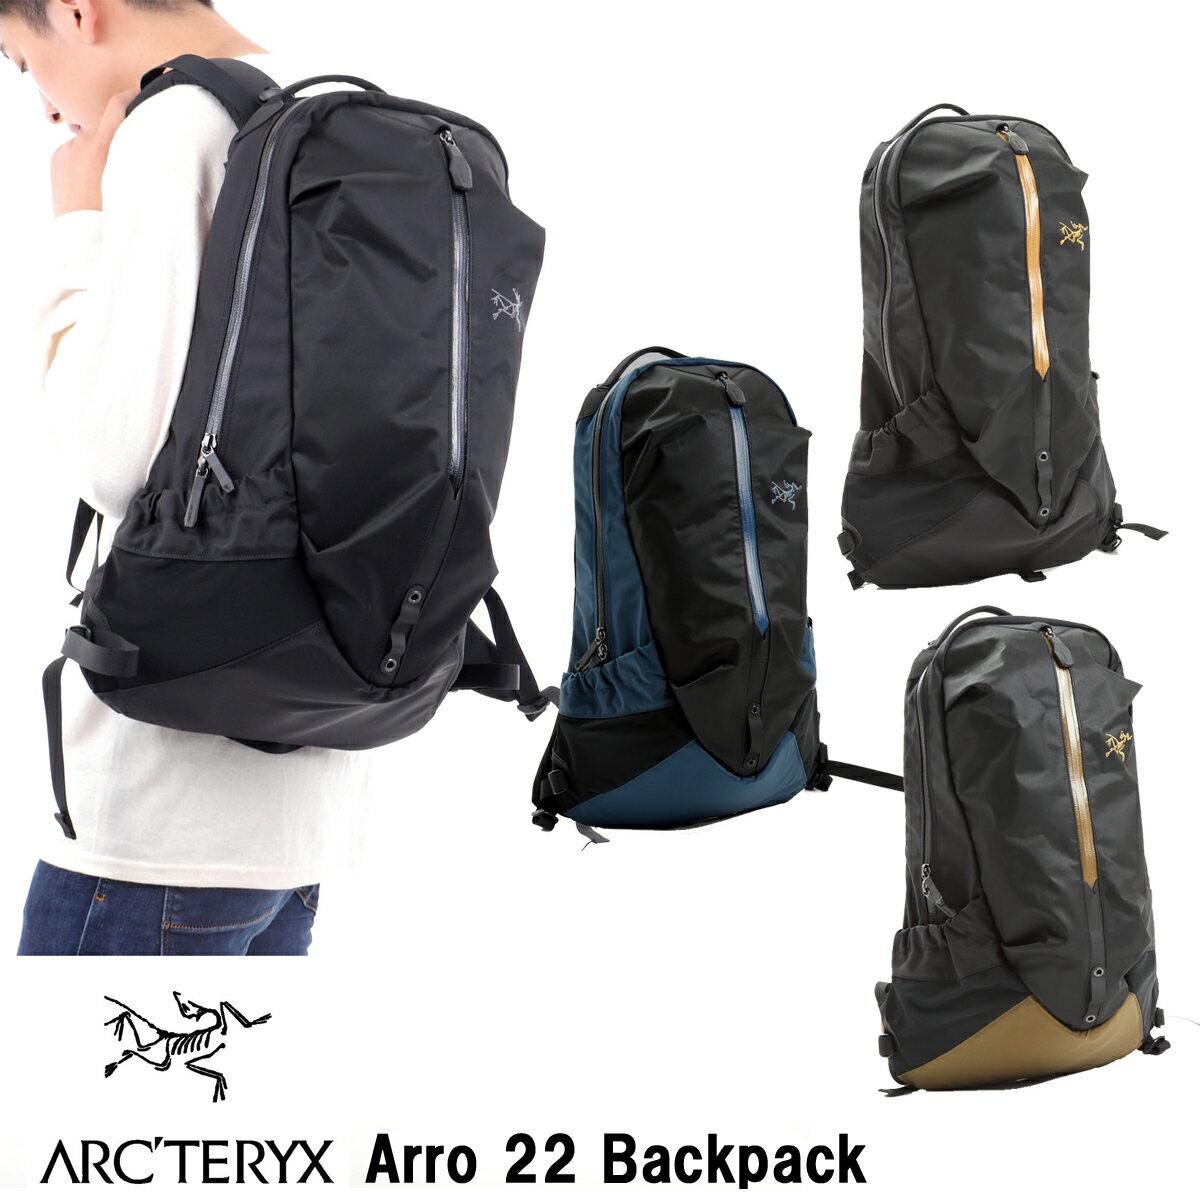 メンズバッグ, バックパック・リュック ARCTERYX 24016 ARCTERYX ARRO 22 22 2020 22